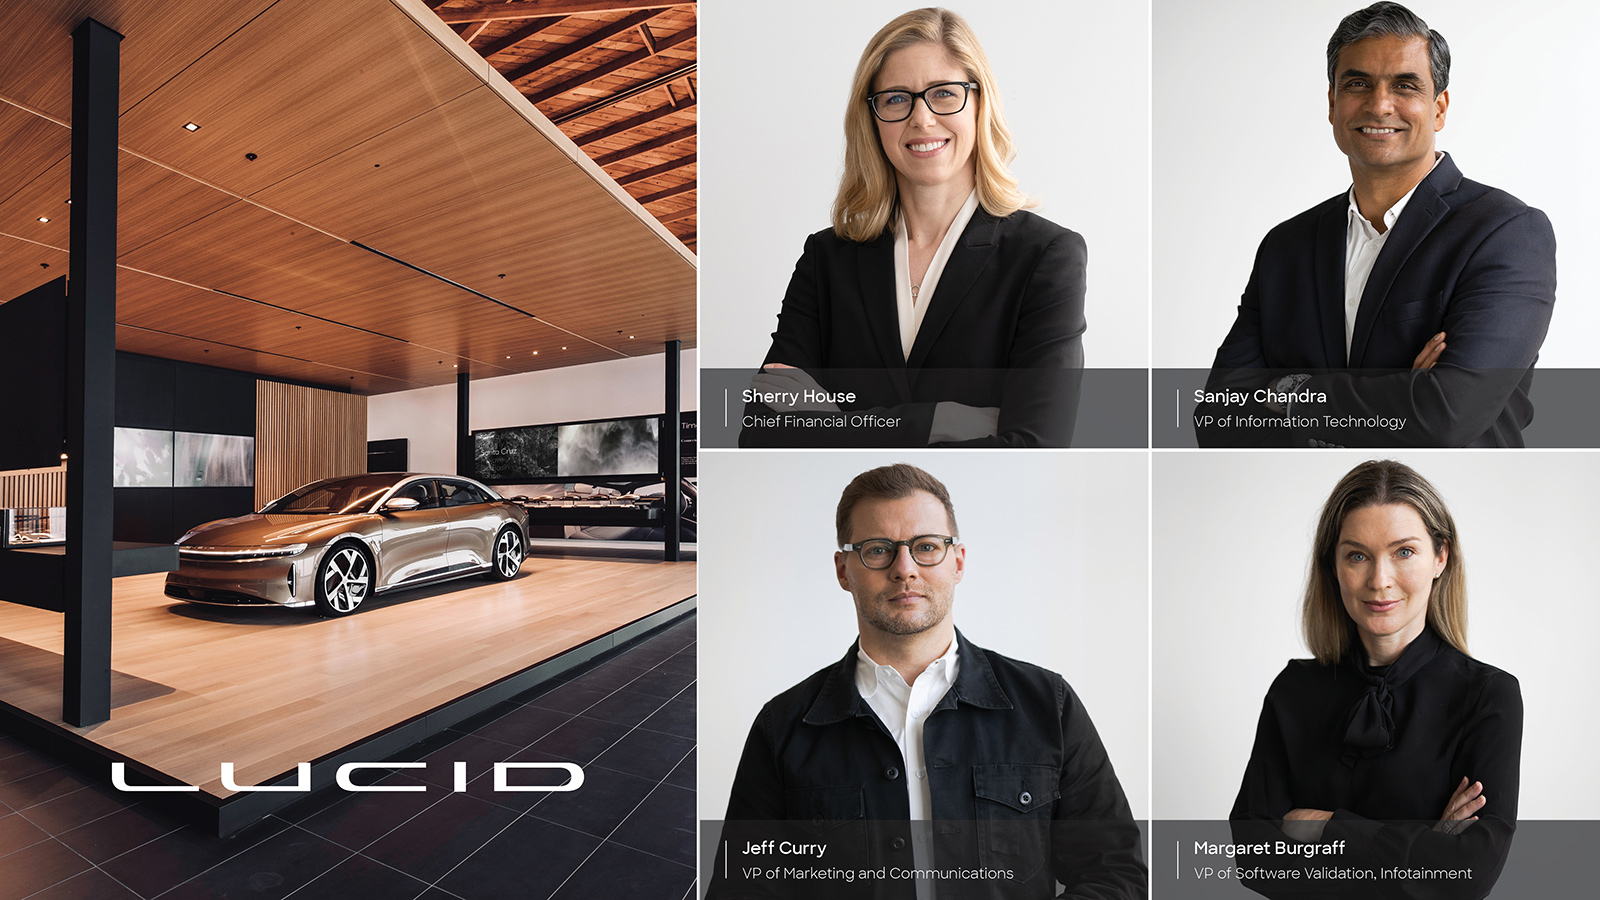 Lucid Motors добавляет бывшего казначея Waymo в качестве финансового директора, поскольку компания готовится к публичному размещению.